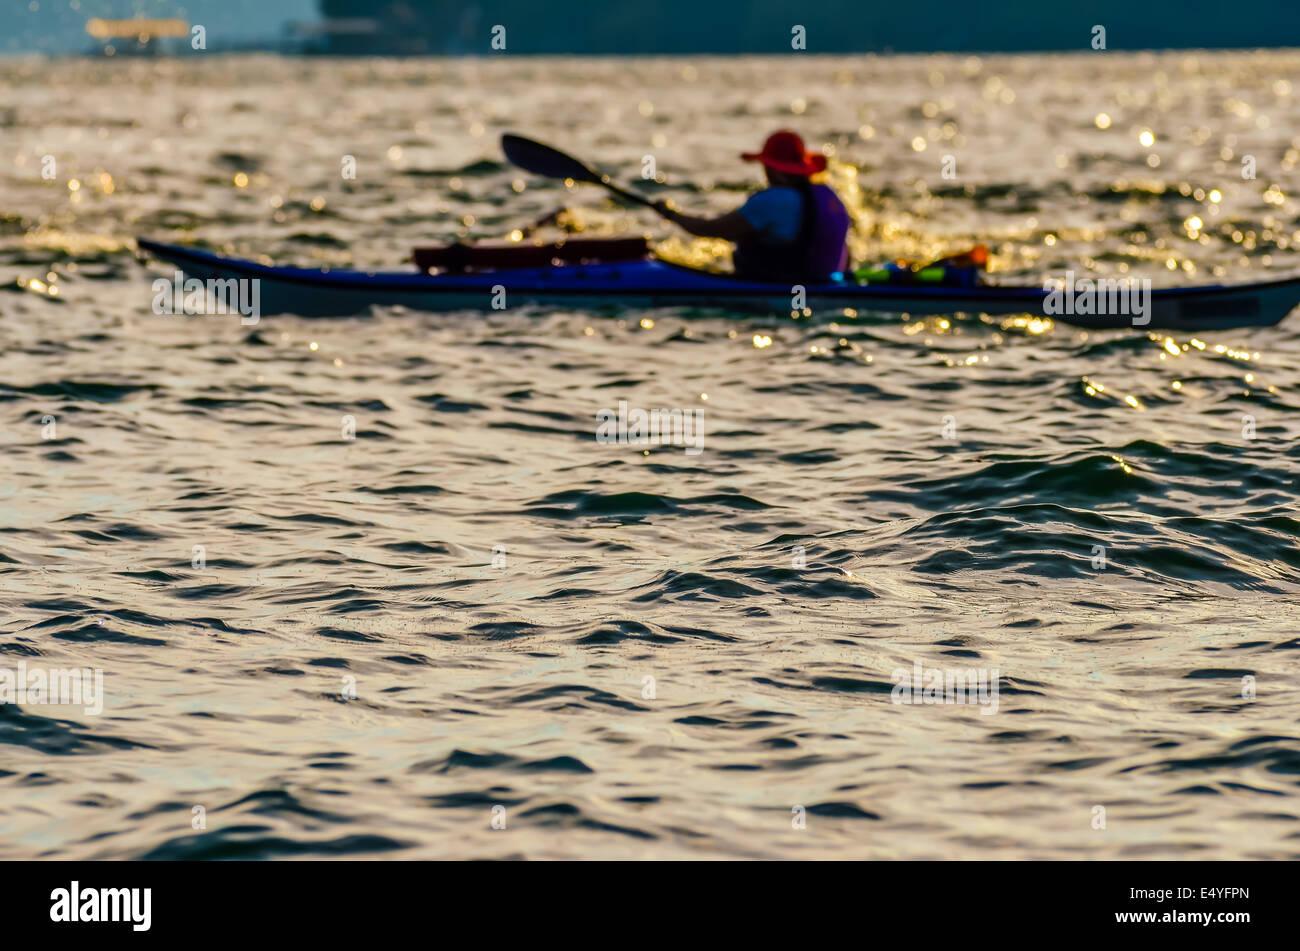 Sillouette of man kayaking on lake - Stock Image